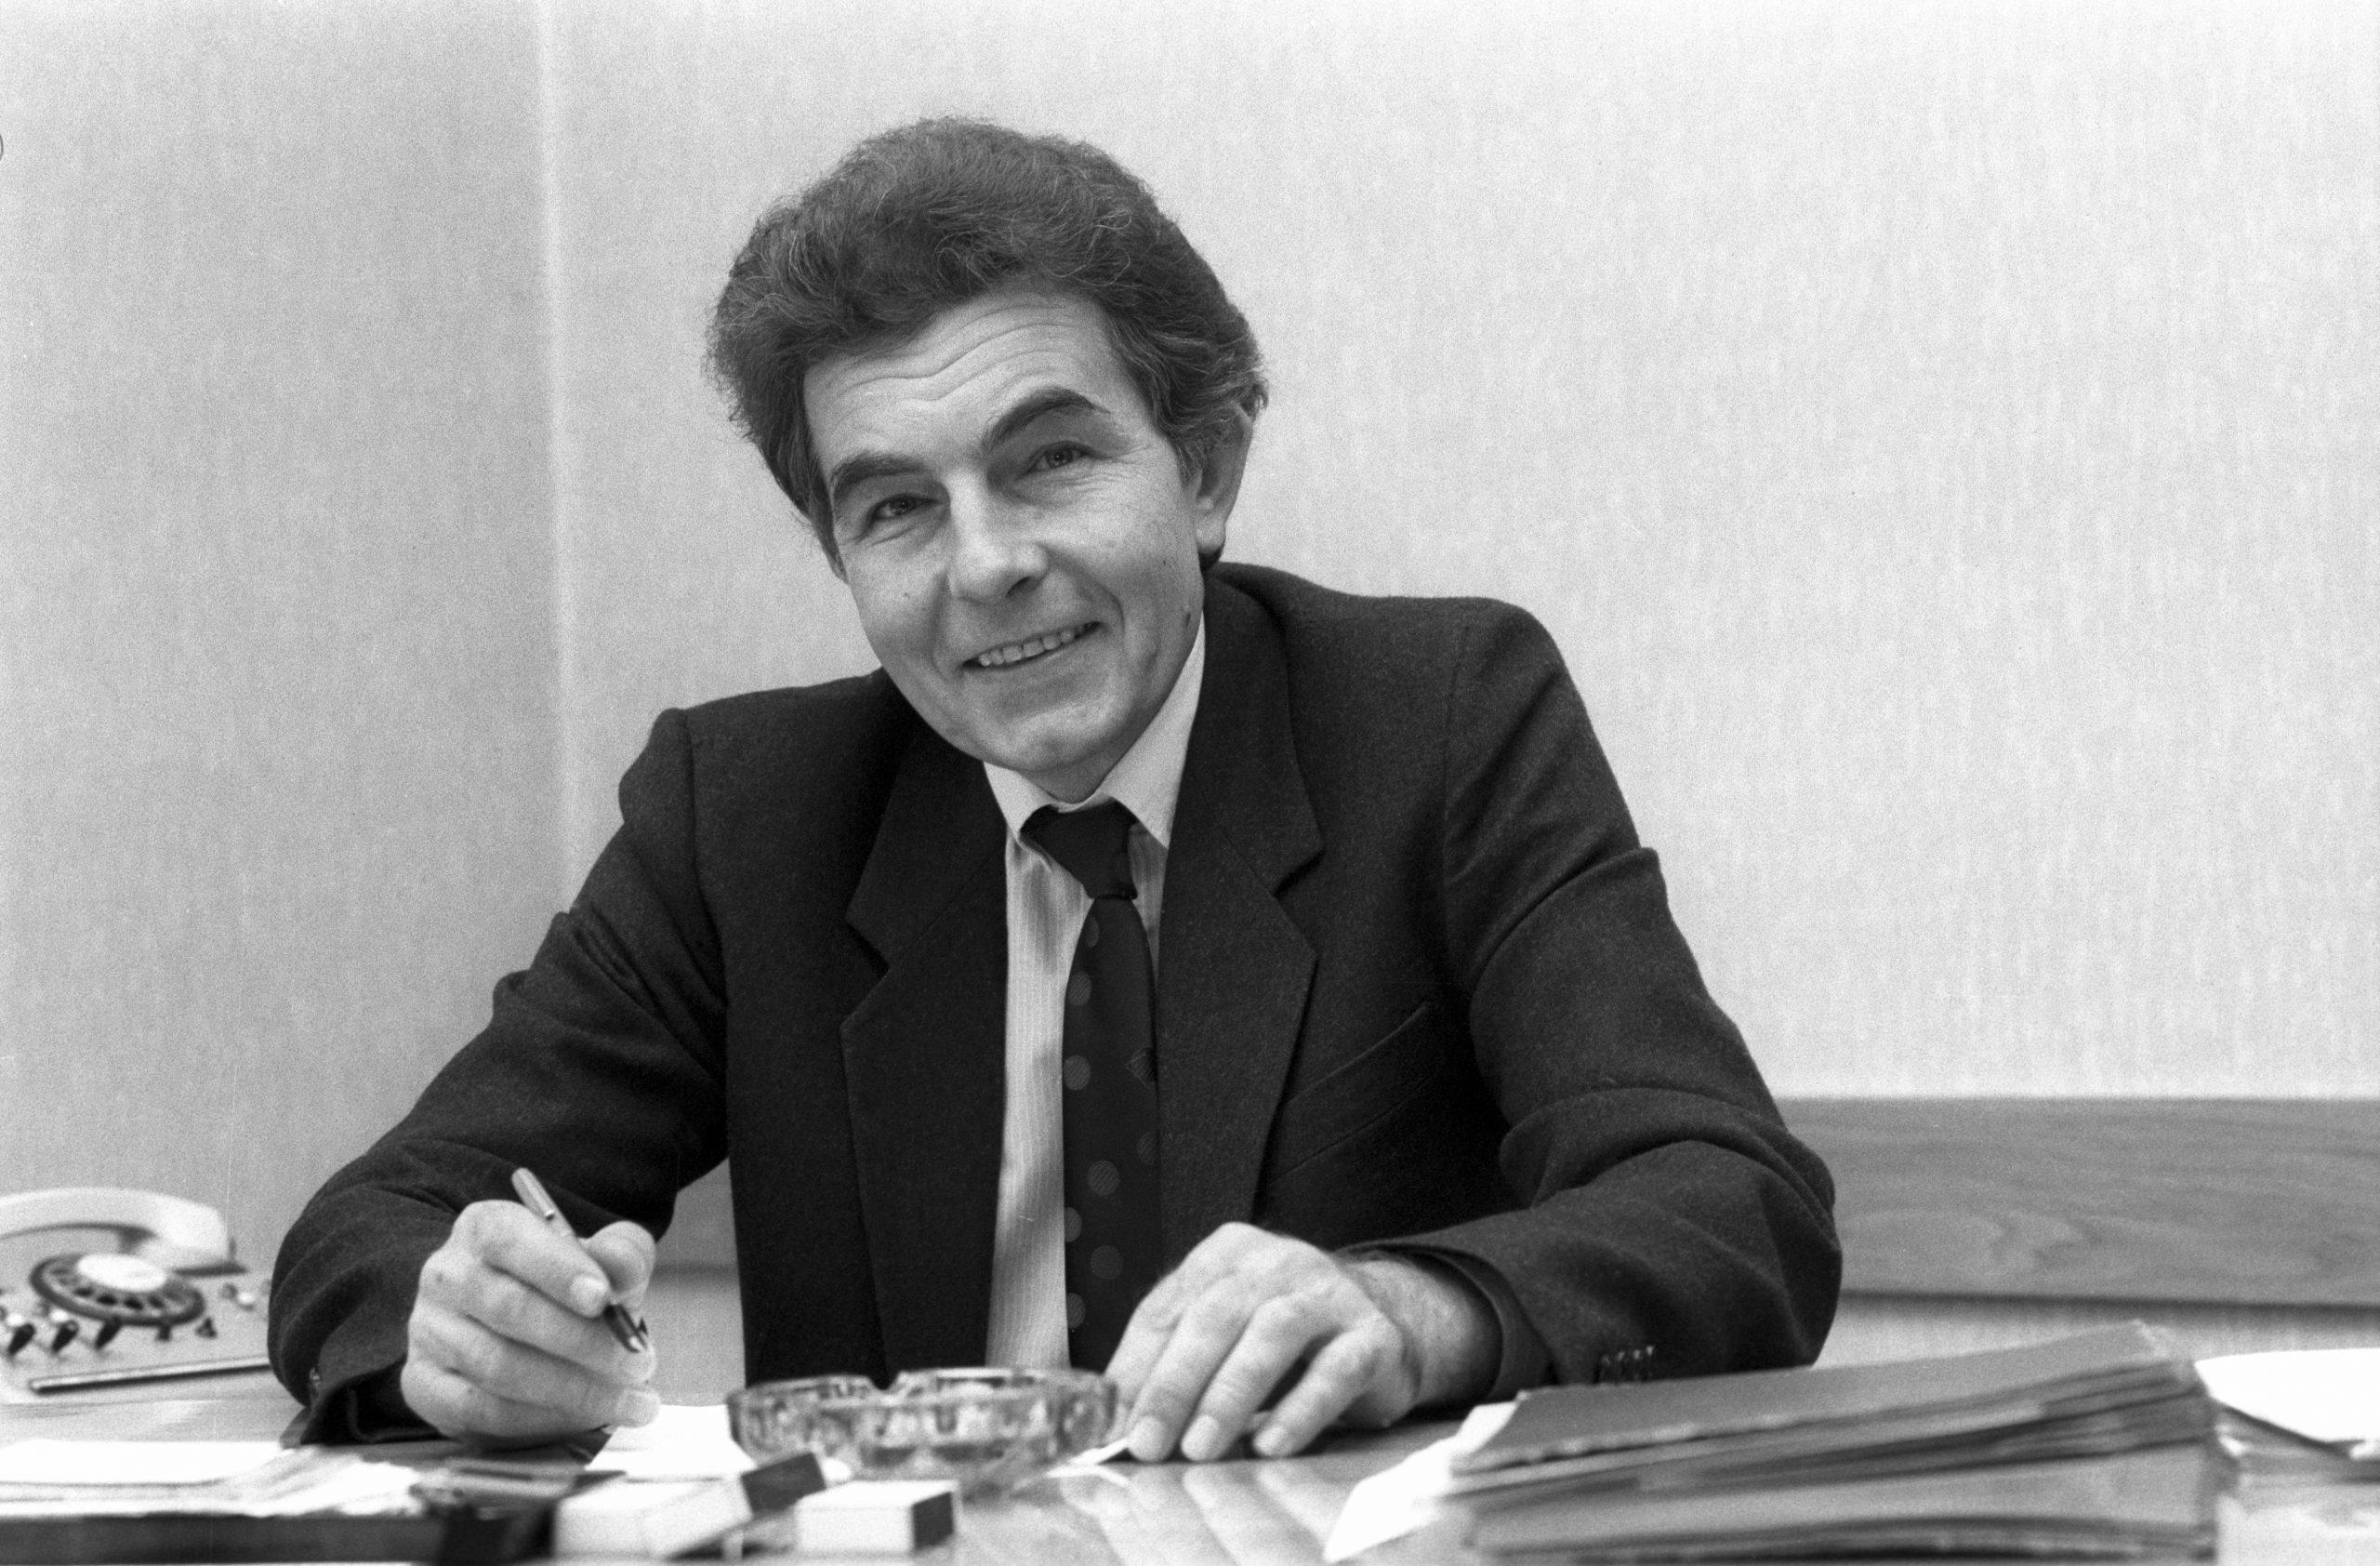 Csikós József, a Magyar Szocialista Munkáspárt Központi Bizottsága (MSZMP KB) munkatársa / Fotó: MTI